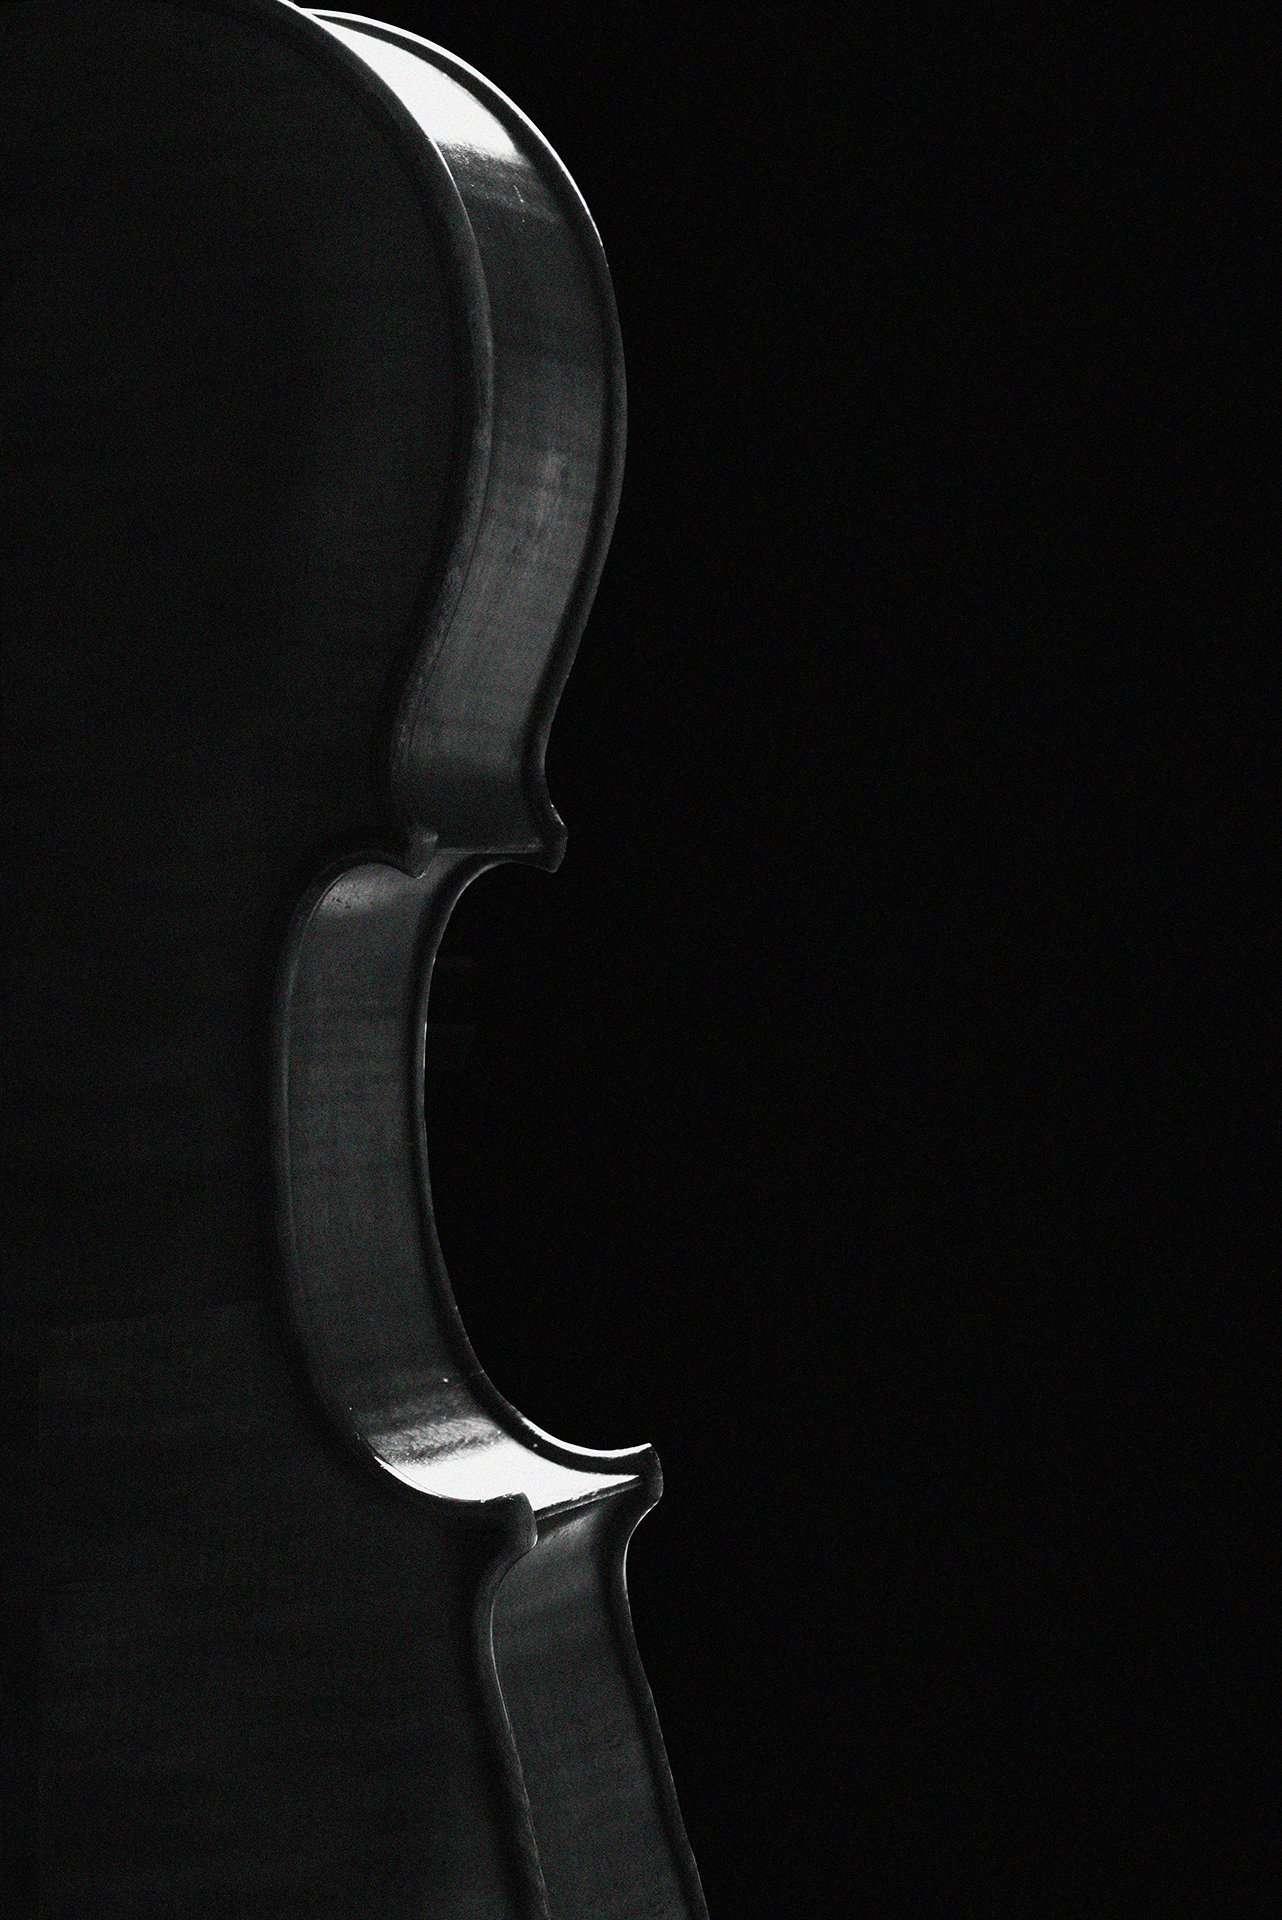 Fotografia still life violino realizzata da Barbara Trincone Fotografo professionista a Napoli specializzata in fotografia musicale, ritratti per artisti, gruppi, attori, cantanti, musicisti e performer